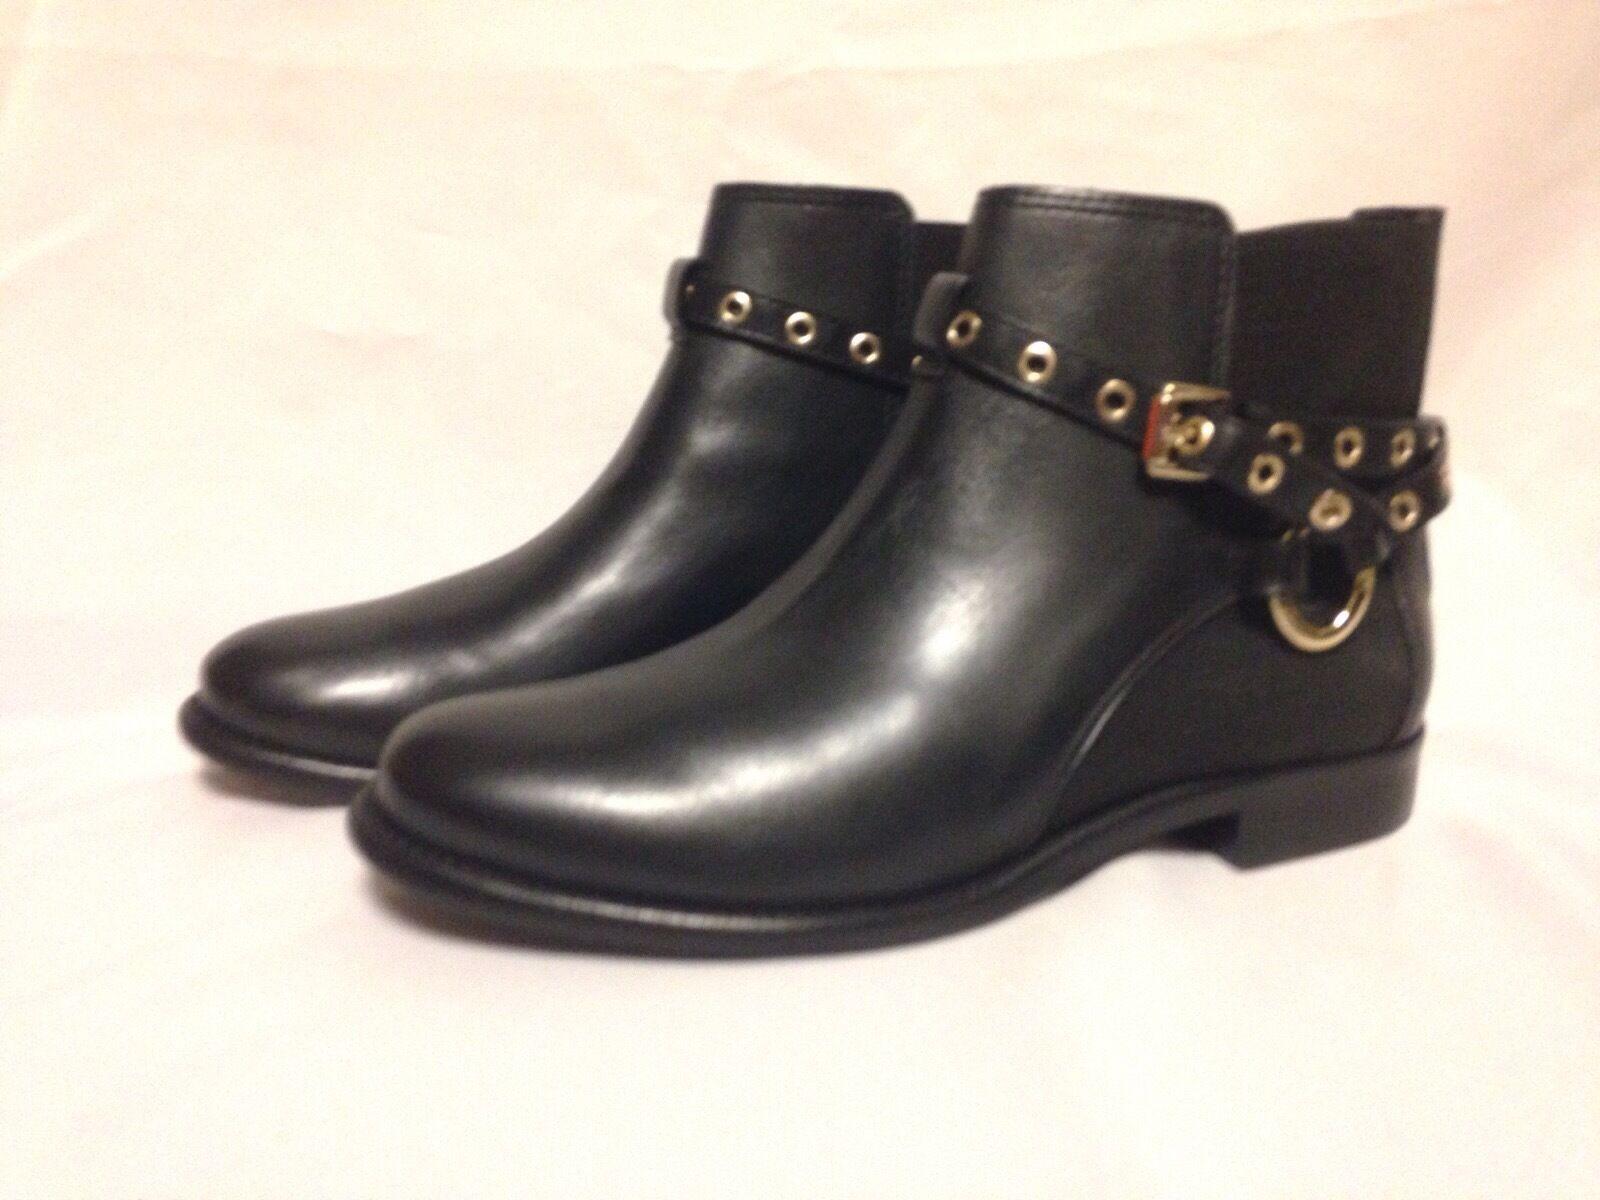 80% di sconto Diane Von Furstenberg Rikki Ankle Ankle Ankle avvio 7.5 M nero Waxy Calf Elastic New w Box  da non perdere!